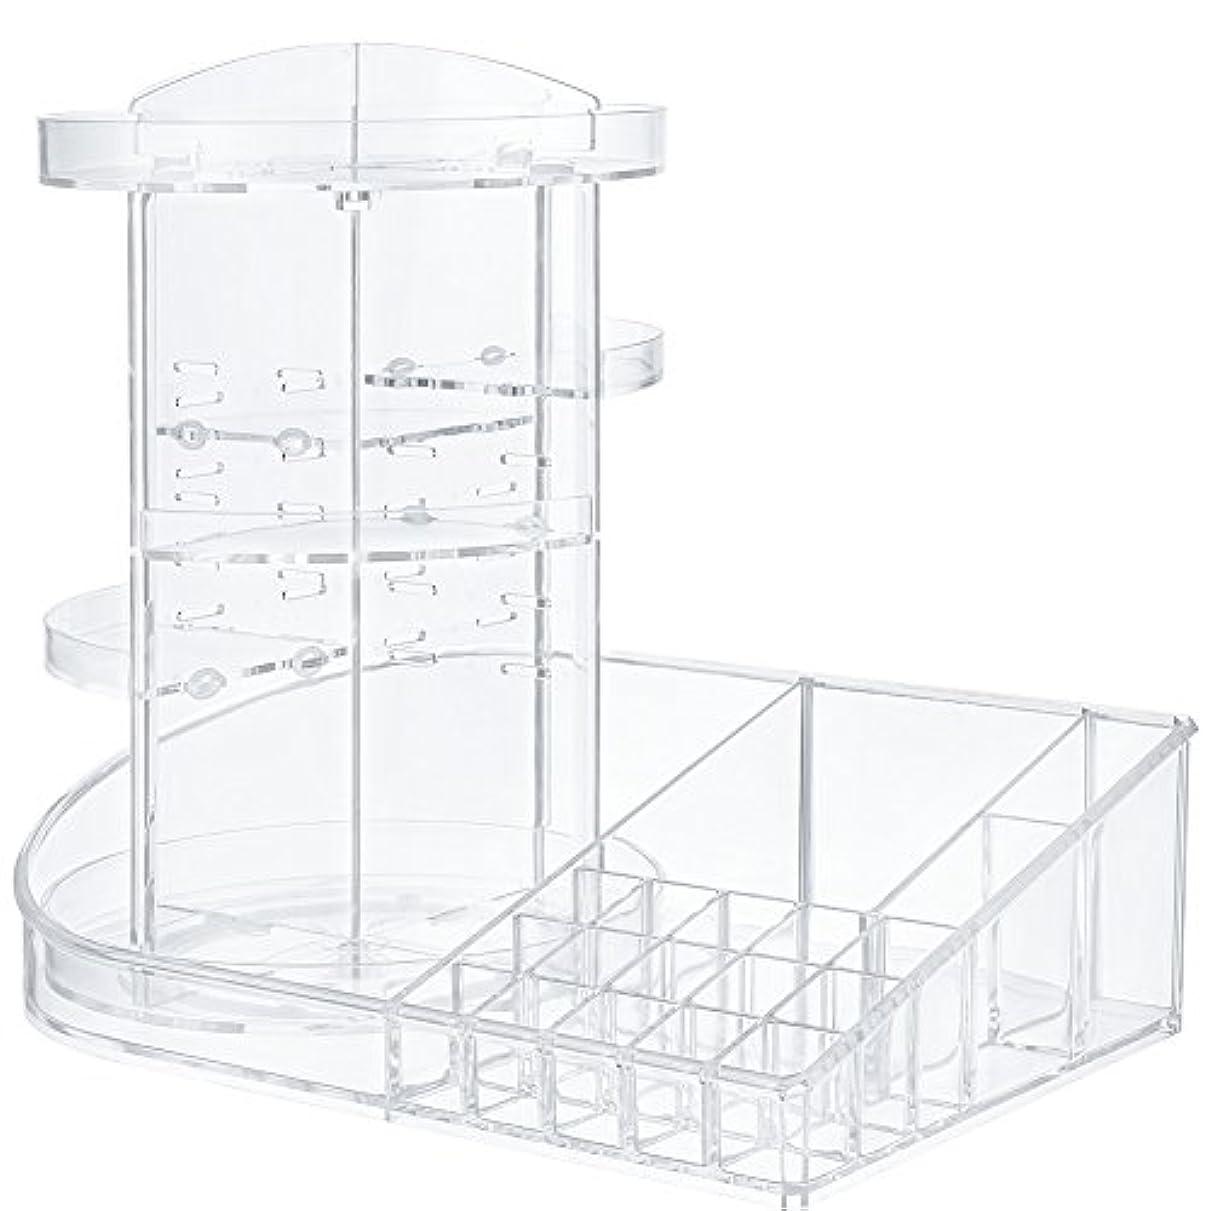 数四面体長くするJerrybox コスメ収納 メイクボックス 回転 化粧品収納 コスメボックス (組み合わせ, ホワイト)